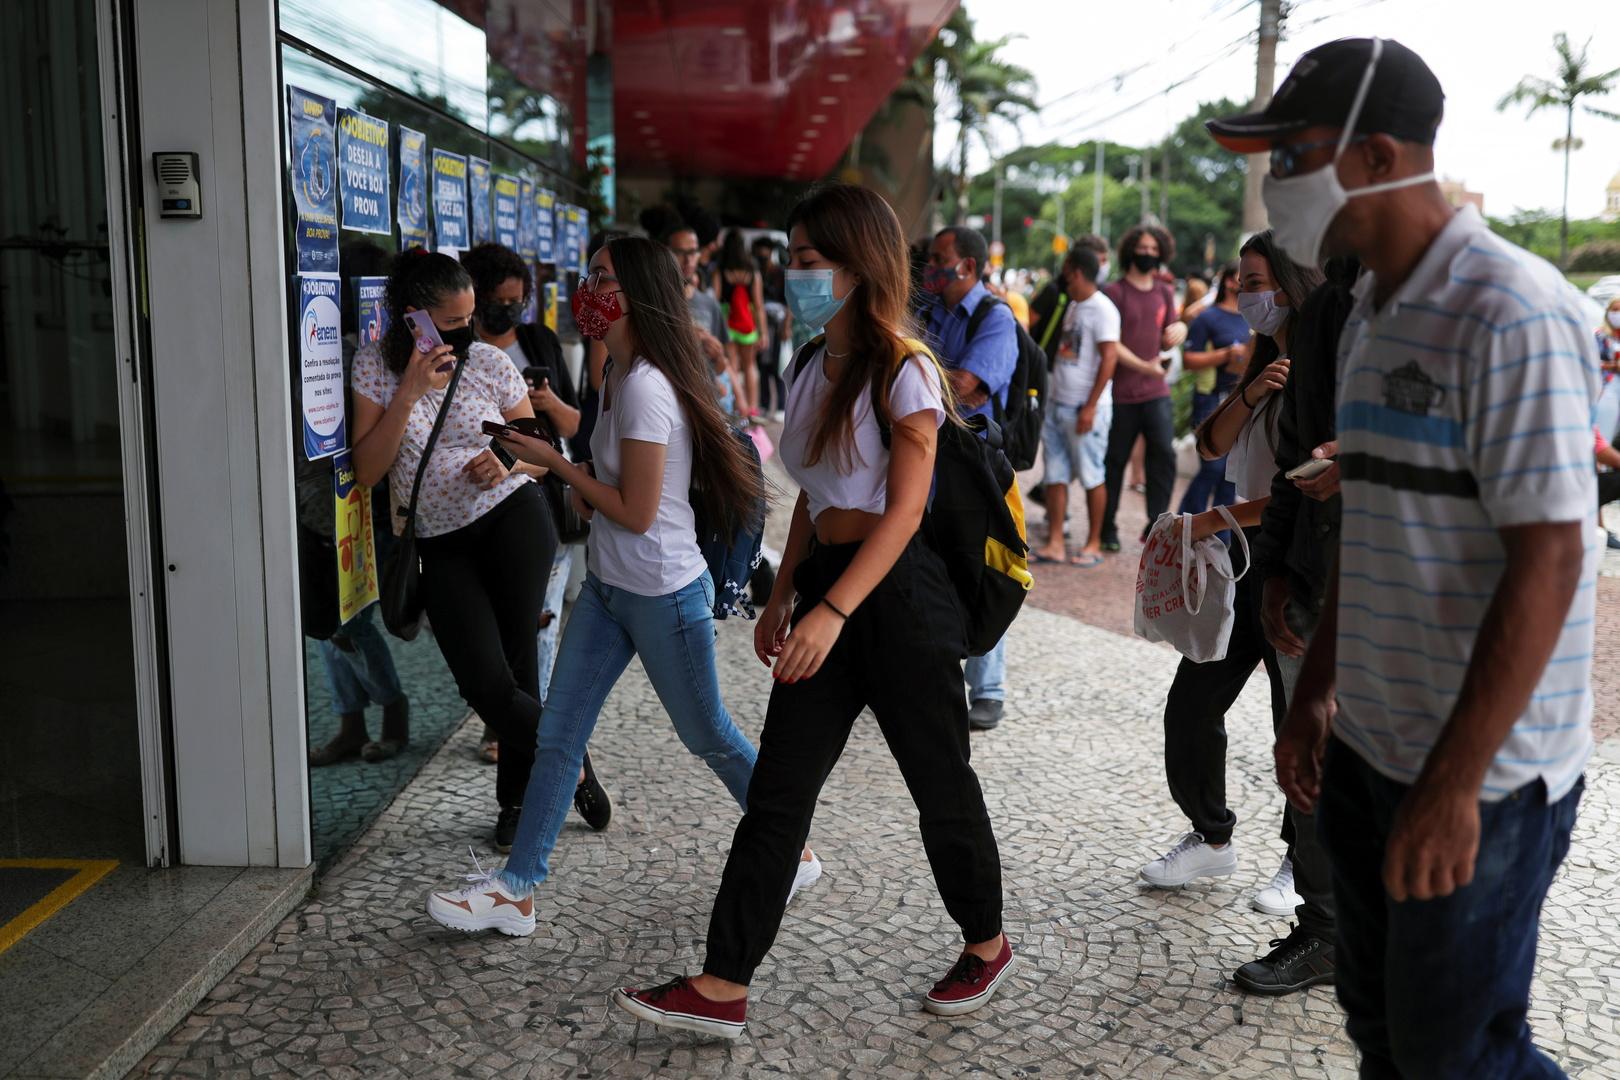 البرازيل: تفشي كورونا في ماناوس ليس مرتبطا بأي طفرة جديدة